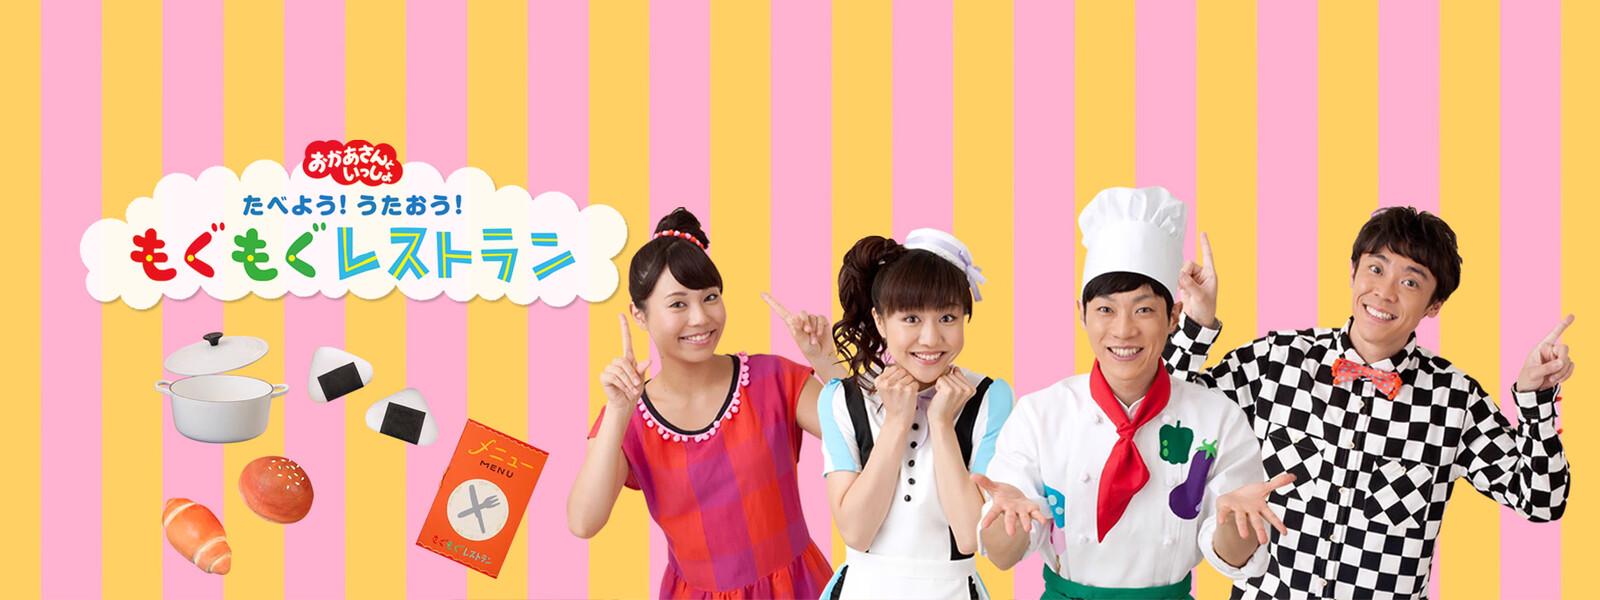 50027520 series art  768x2048 with mother tabeyo utao mogumogu restaurant 73cce2efcbf2516959ddd92455bc13f0